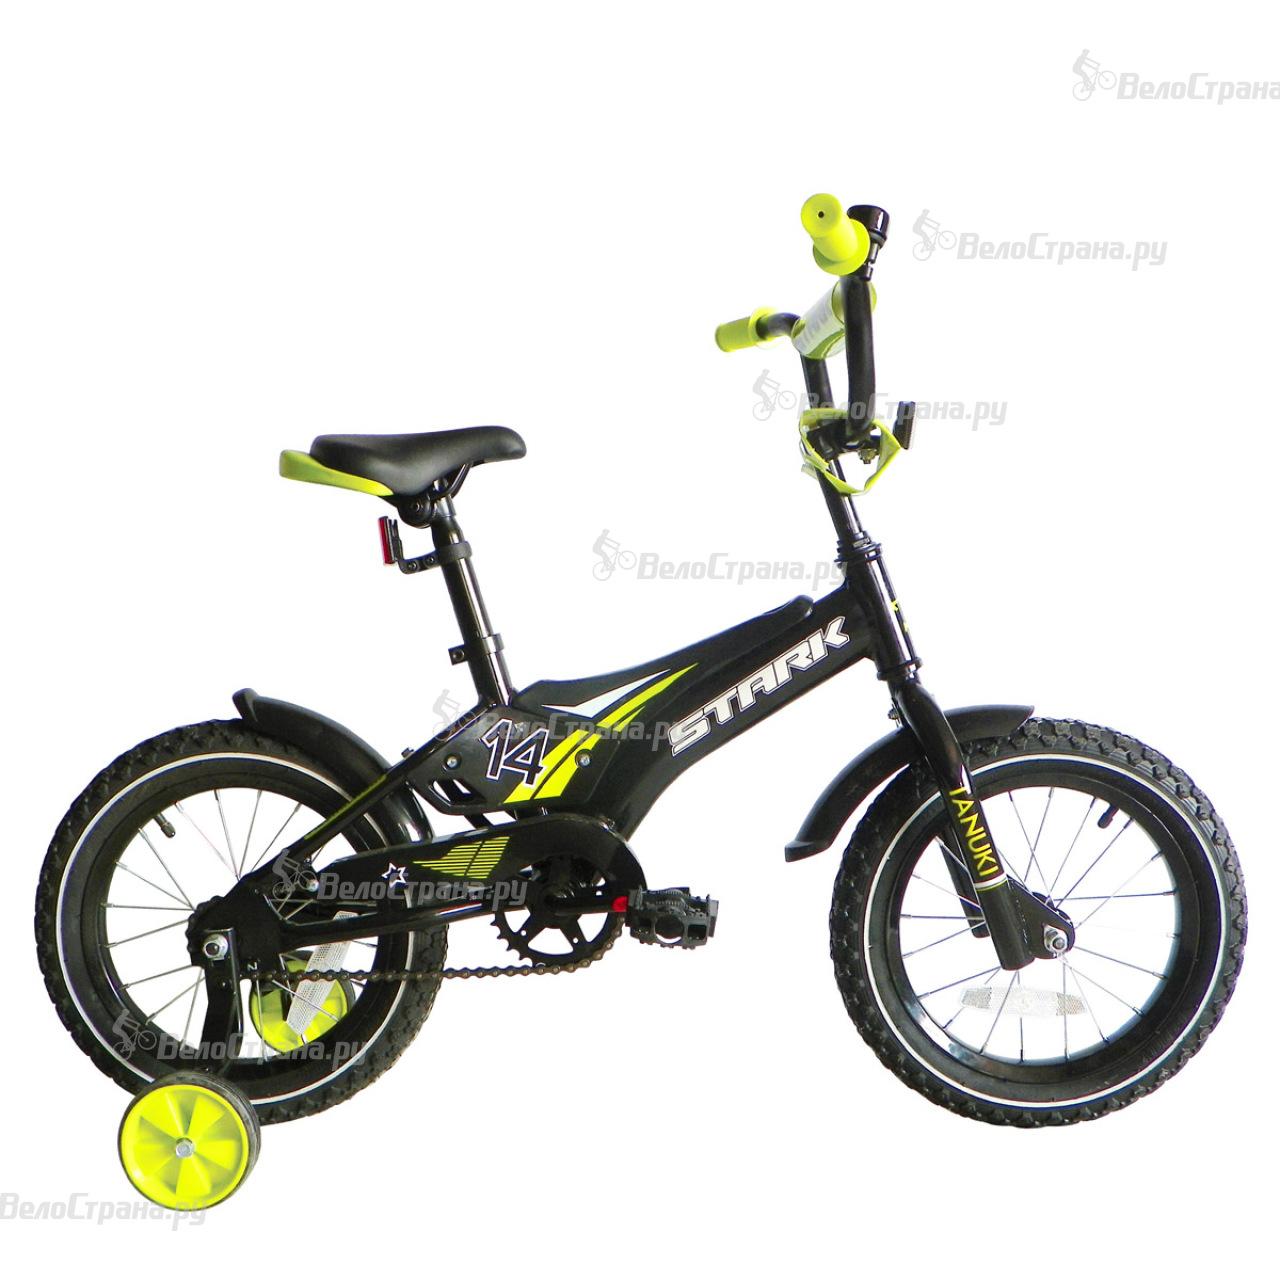 Велосипед Stark Tanuki 14 Boy (2017) велосипед stark tanuki 14 boy 2017